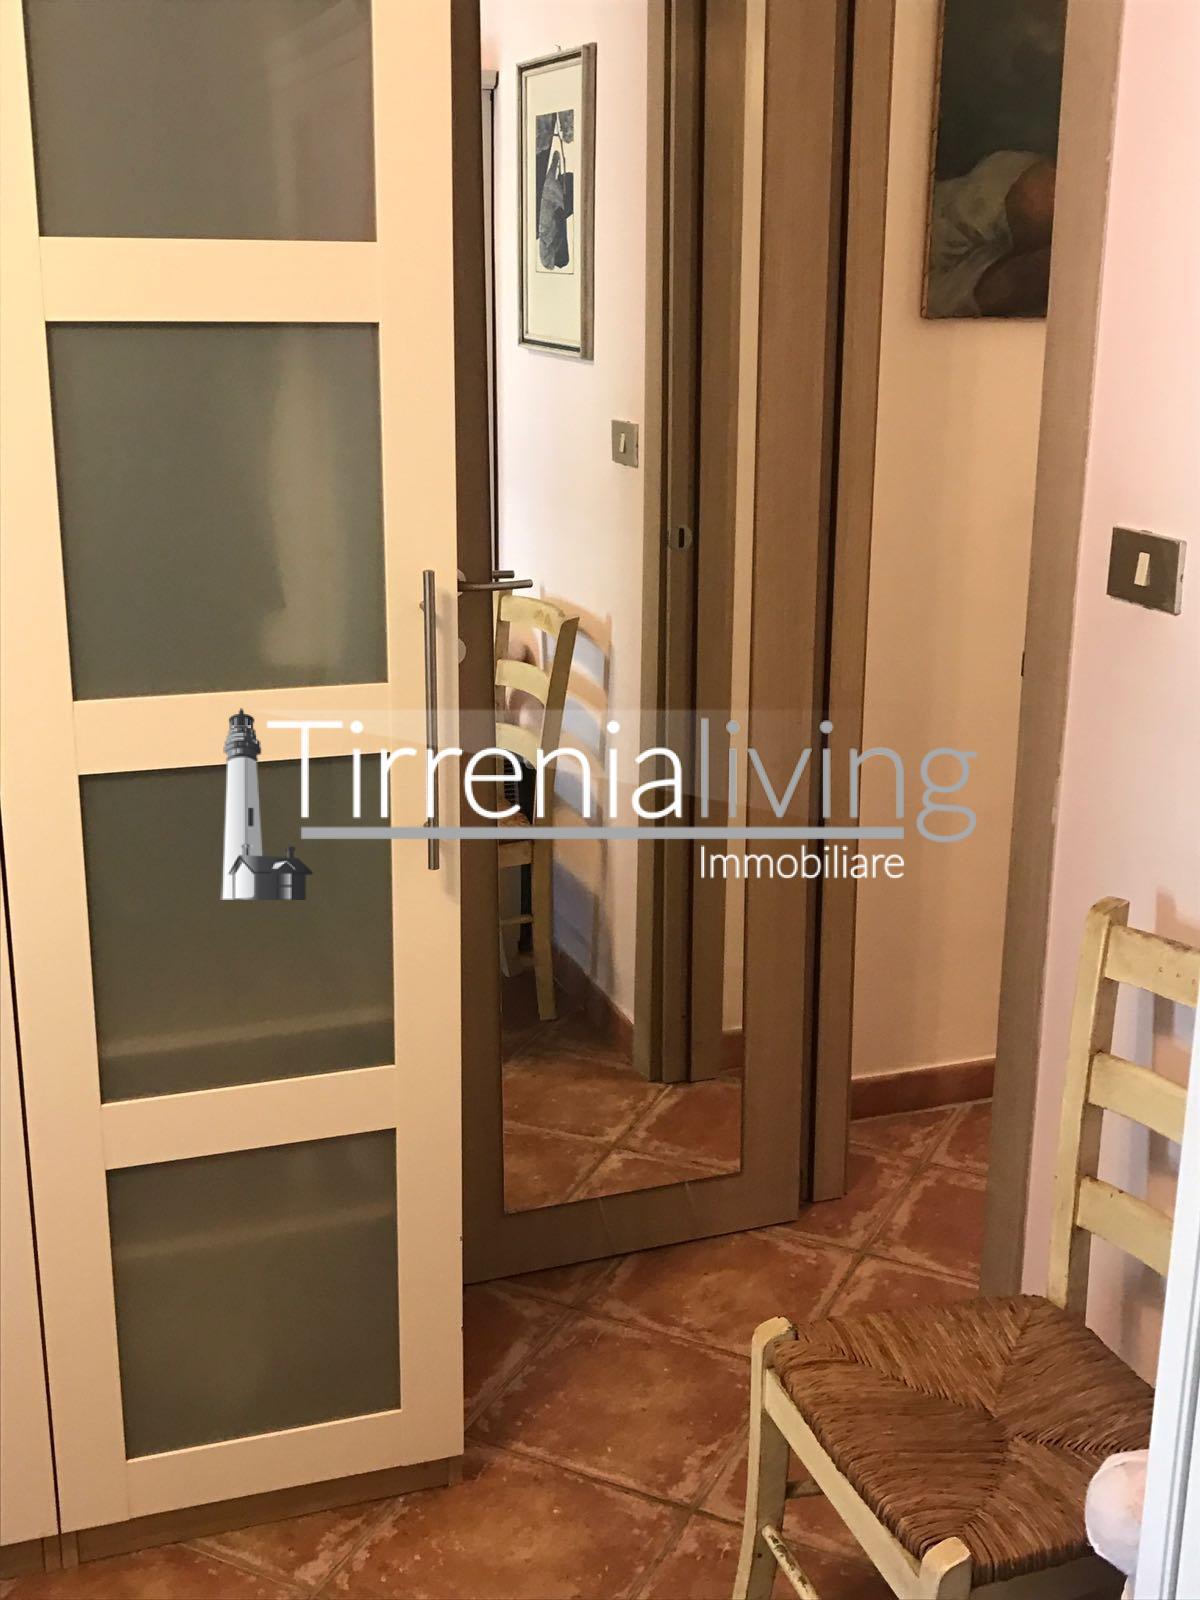 Appartamento in affitto, rif. Atirr1